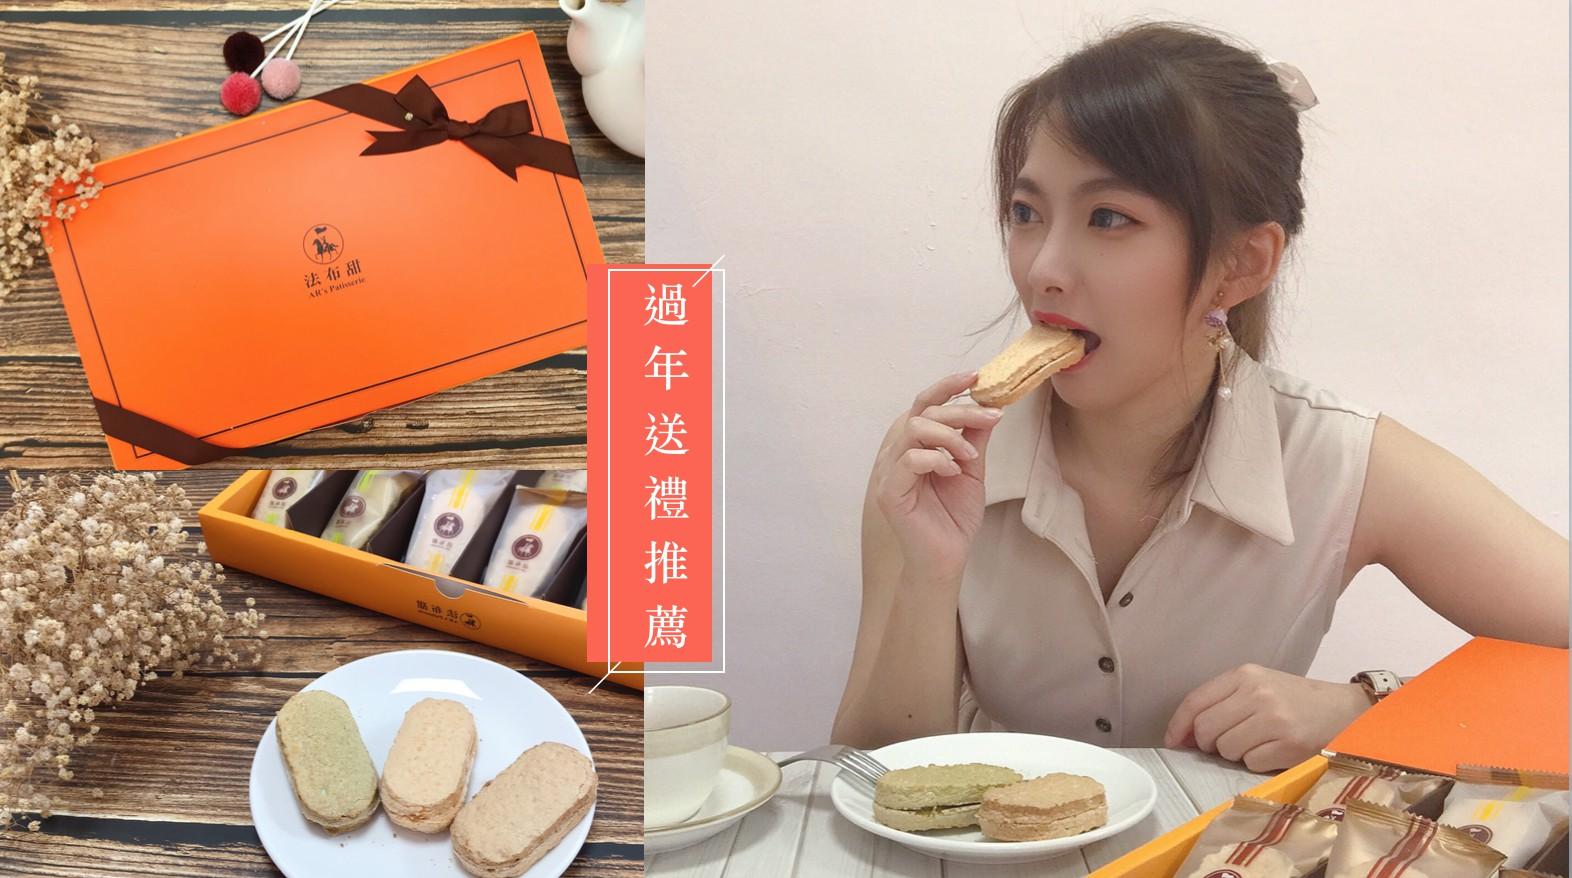 過年送禮推薦2021之法式鳳梨酥,傳統鳳梨酥你吃膩了嗎?過年過節送禮大推好物